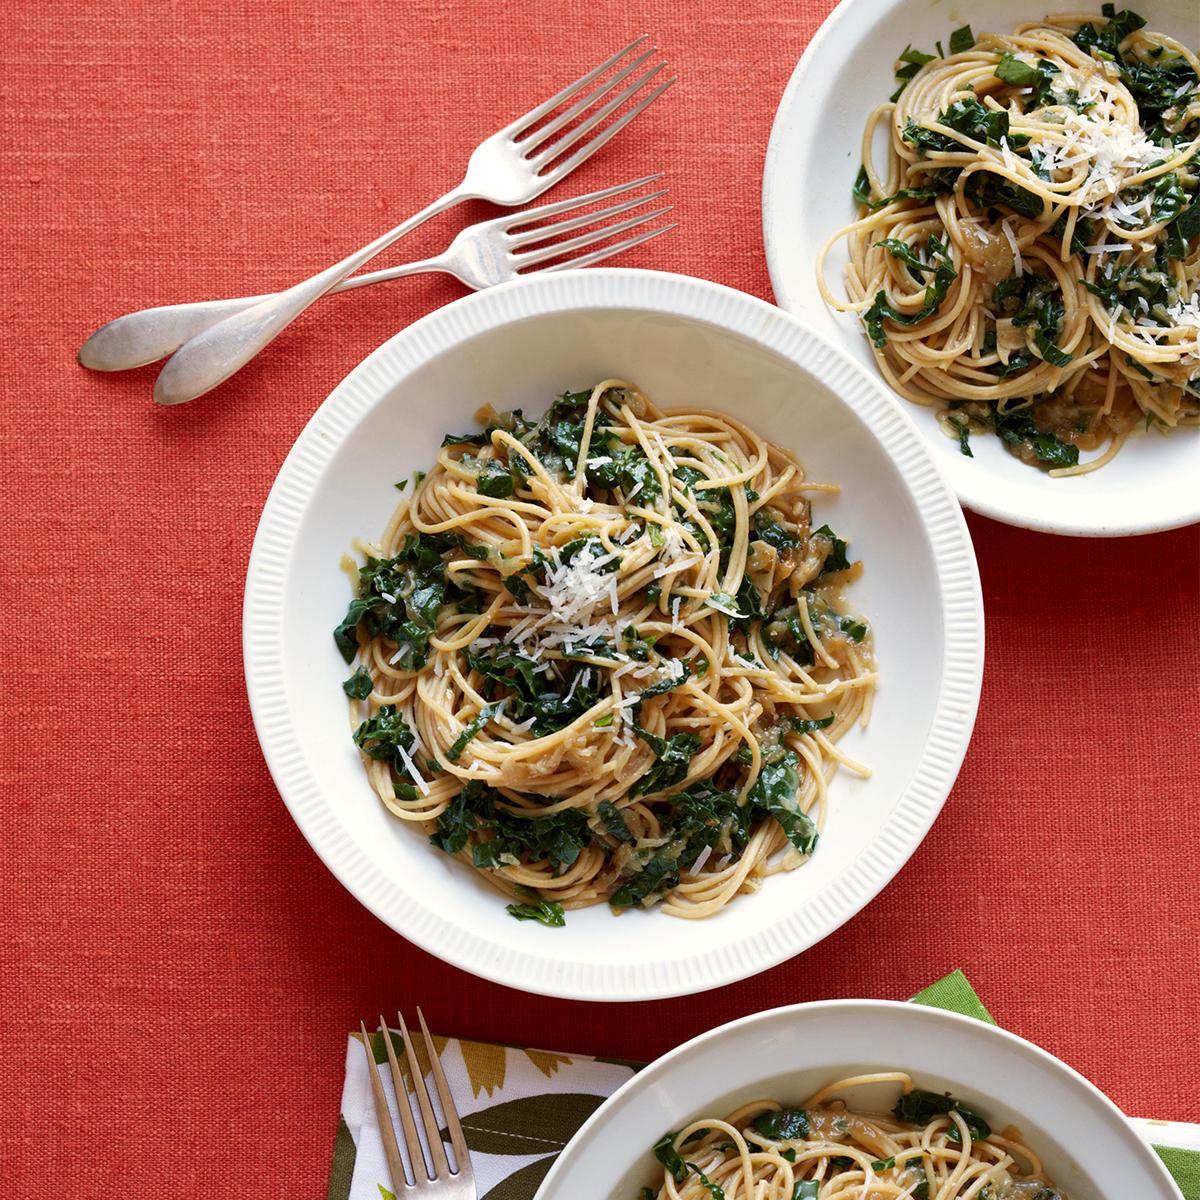 shallot spaghetti with kale